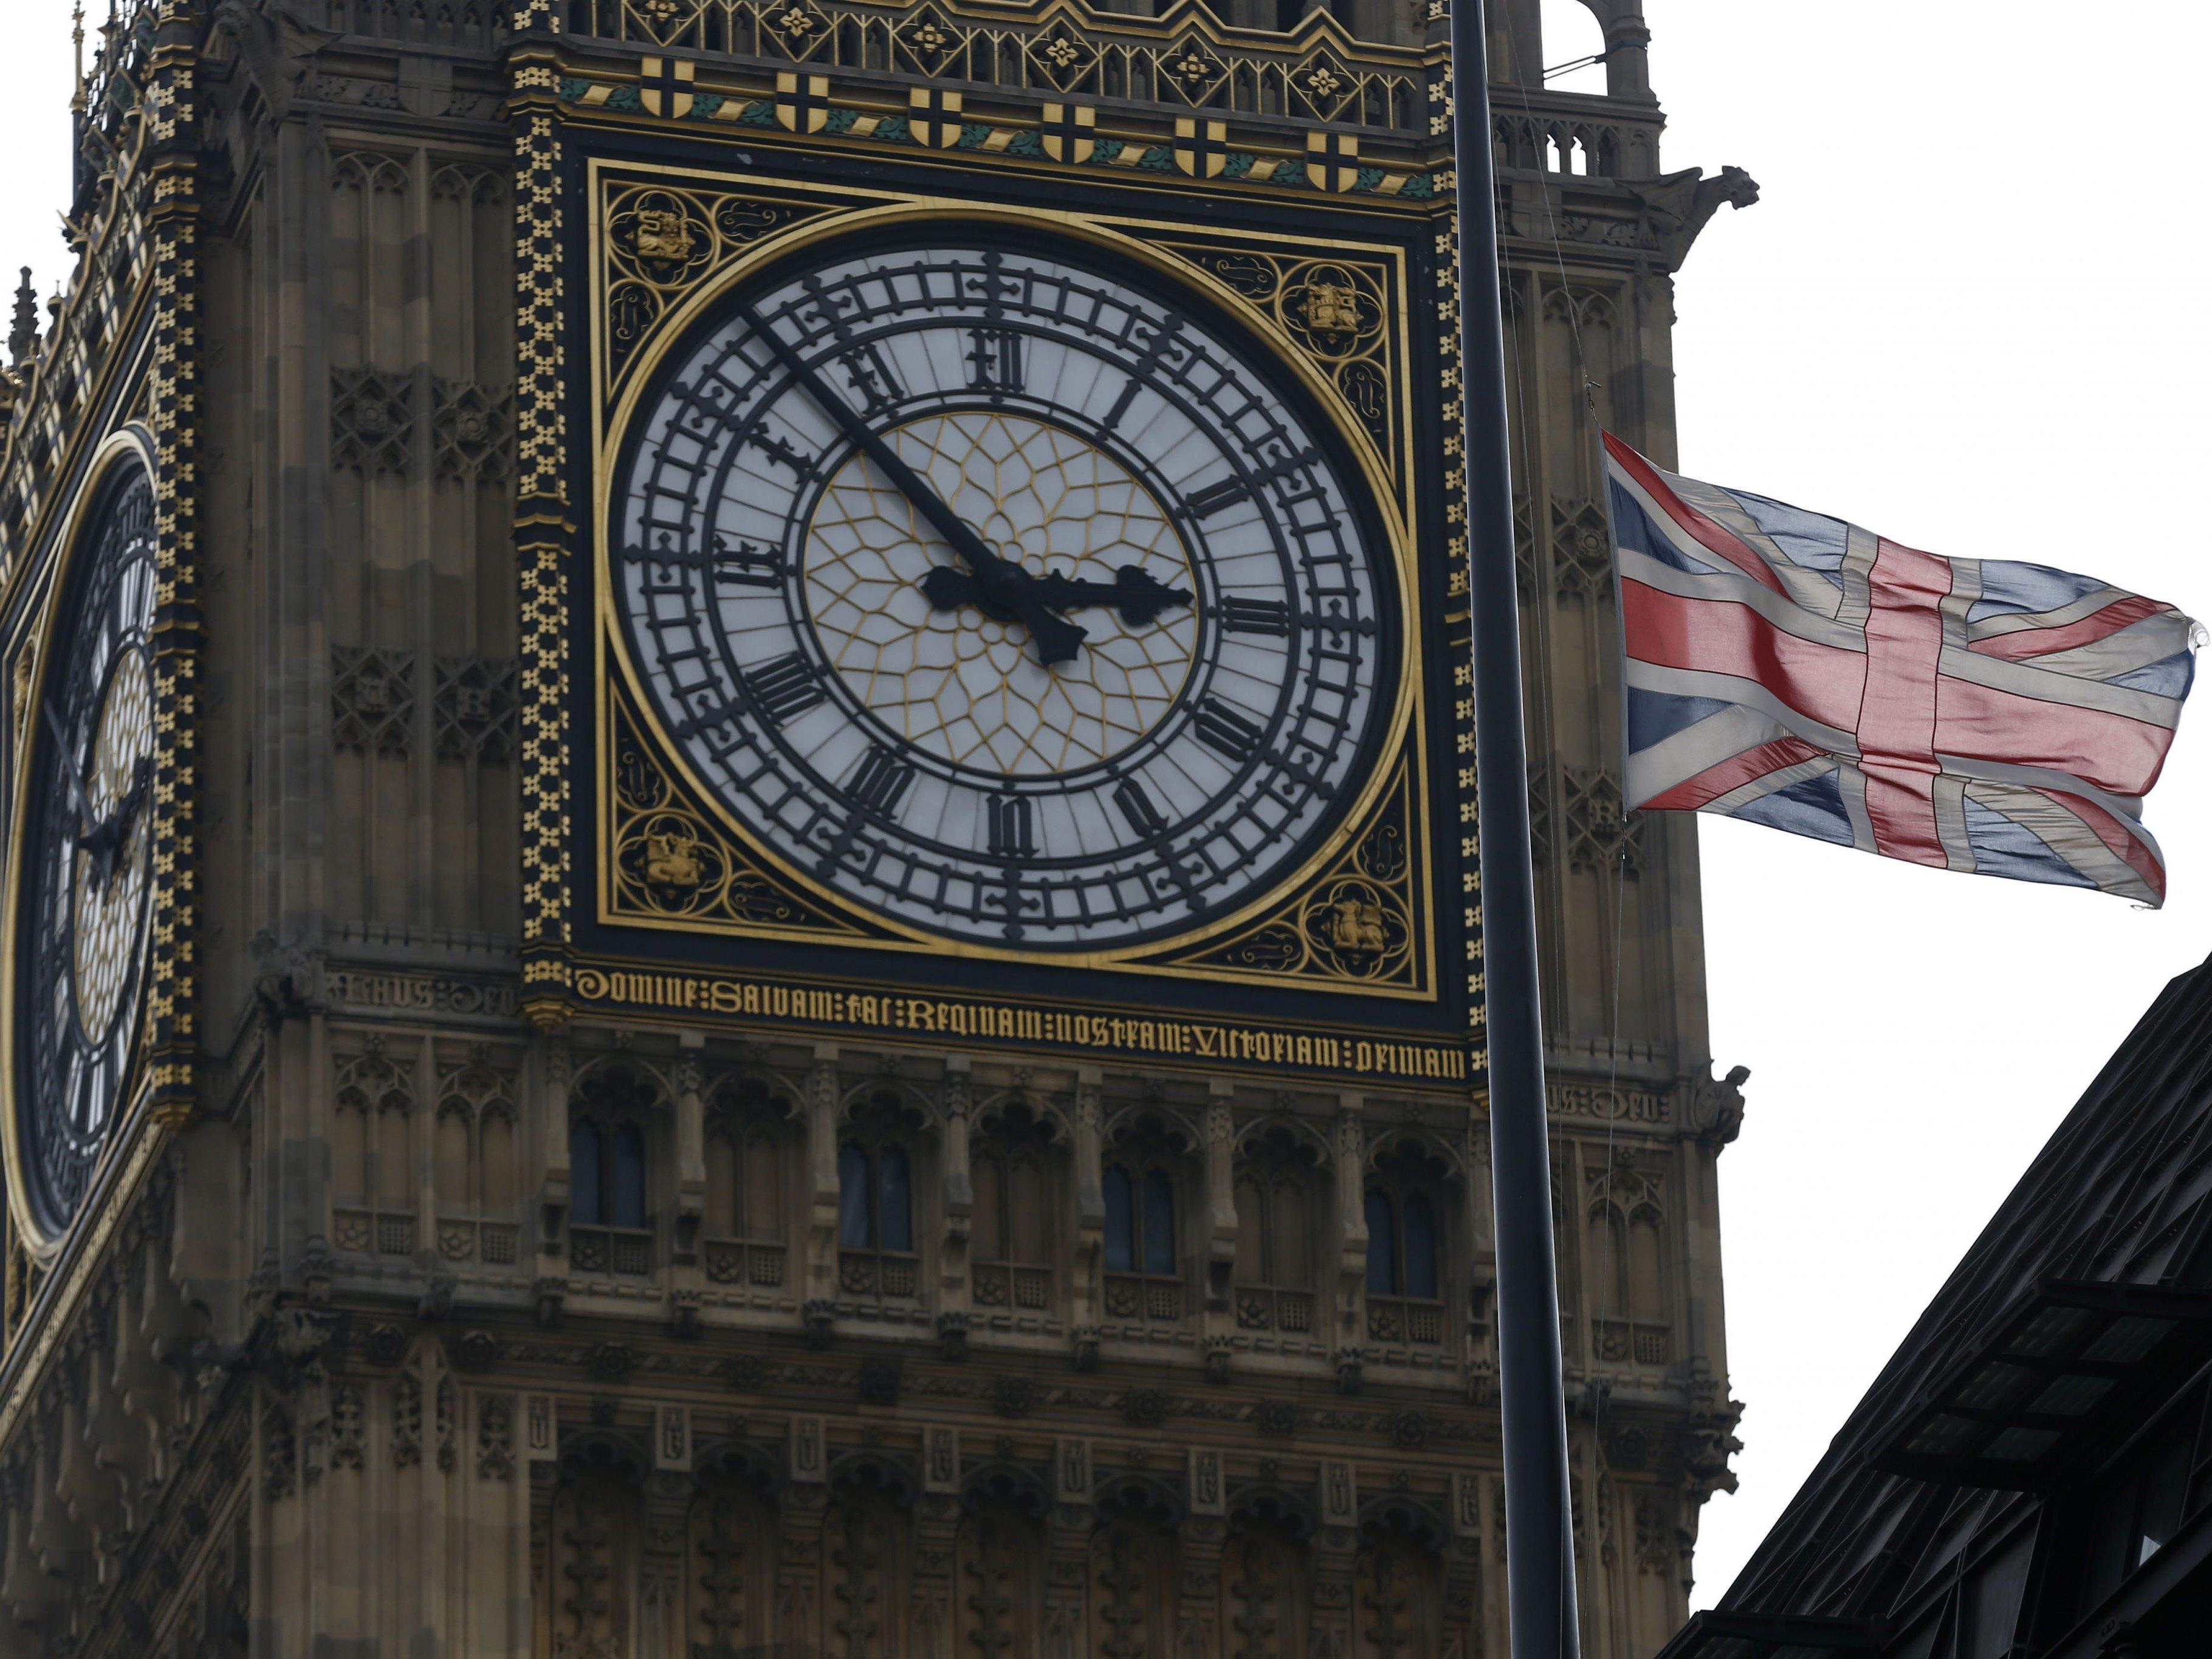 Die Glocken des Big Bens erklingen sechs Sekunden zu früh